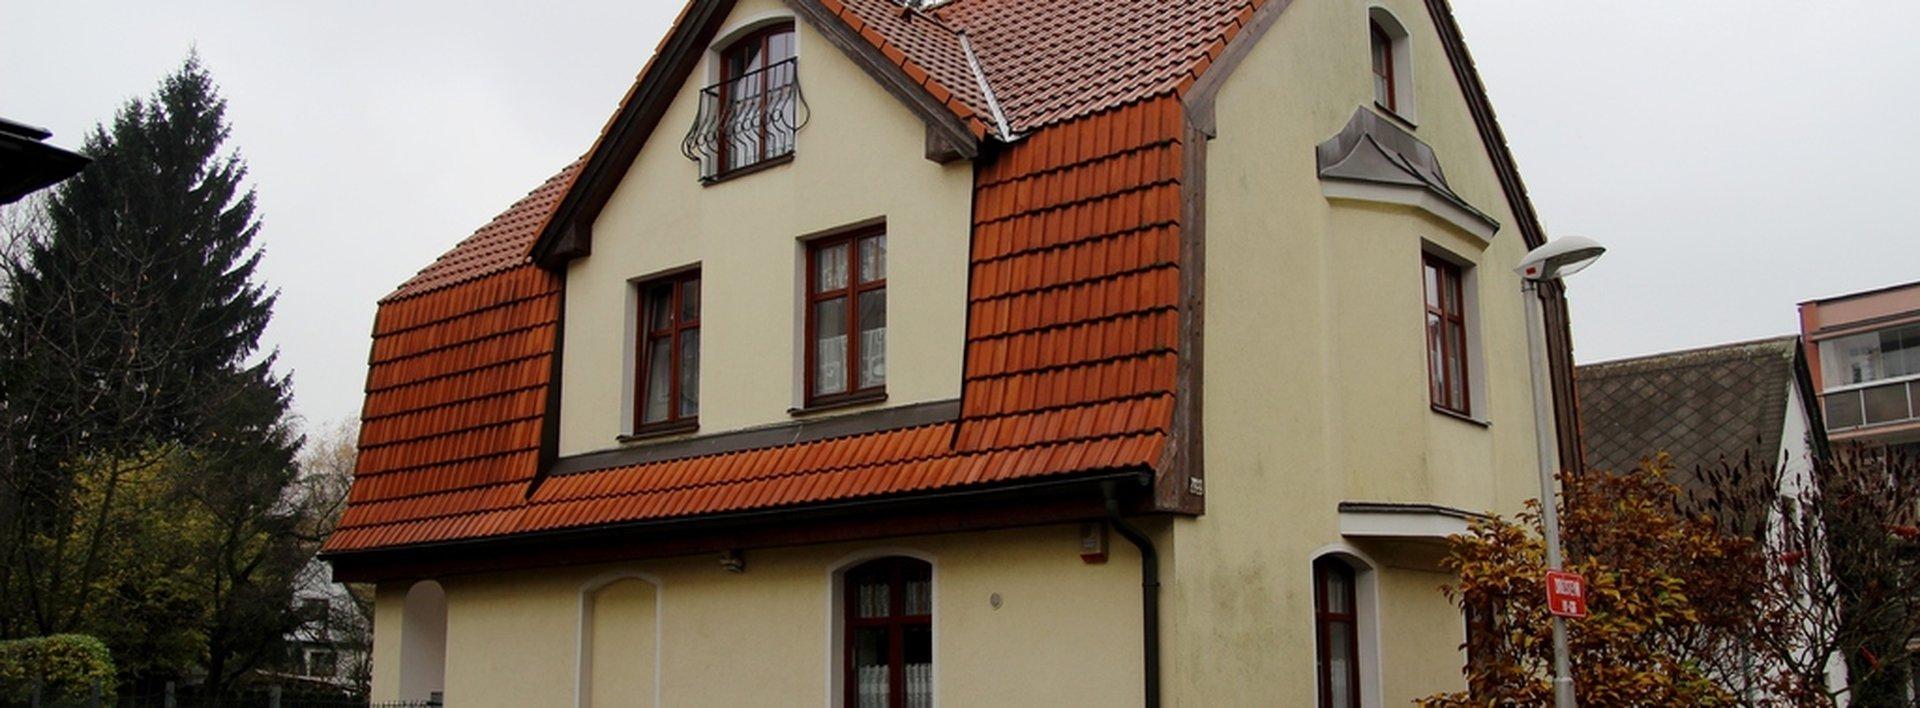 Pronájem částečně zařízeného rodinného domu (5+1) v Horním Růžodole, Ev.č.: N46973